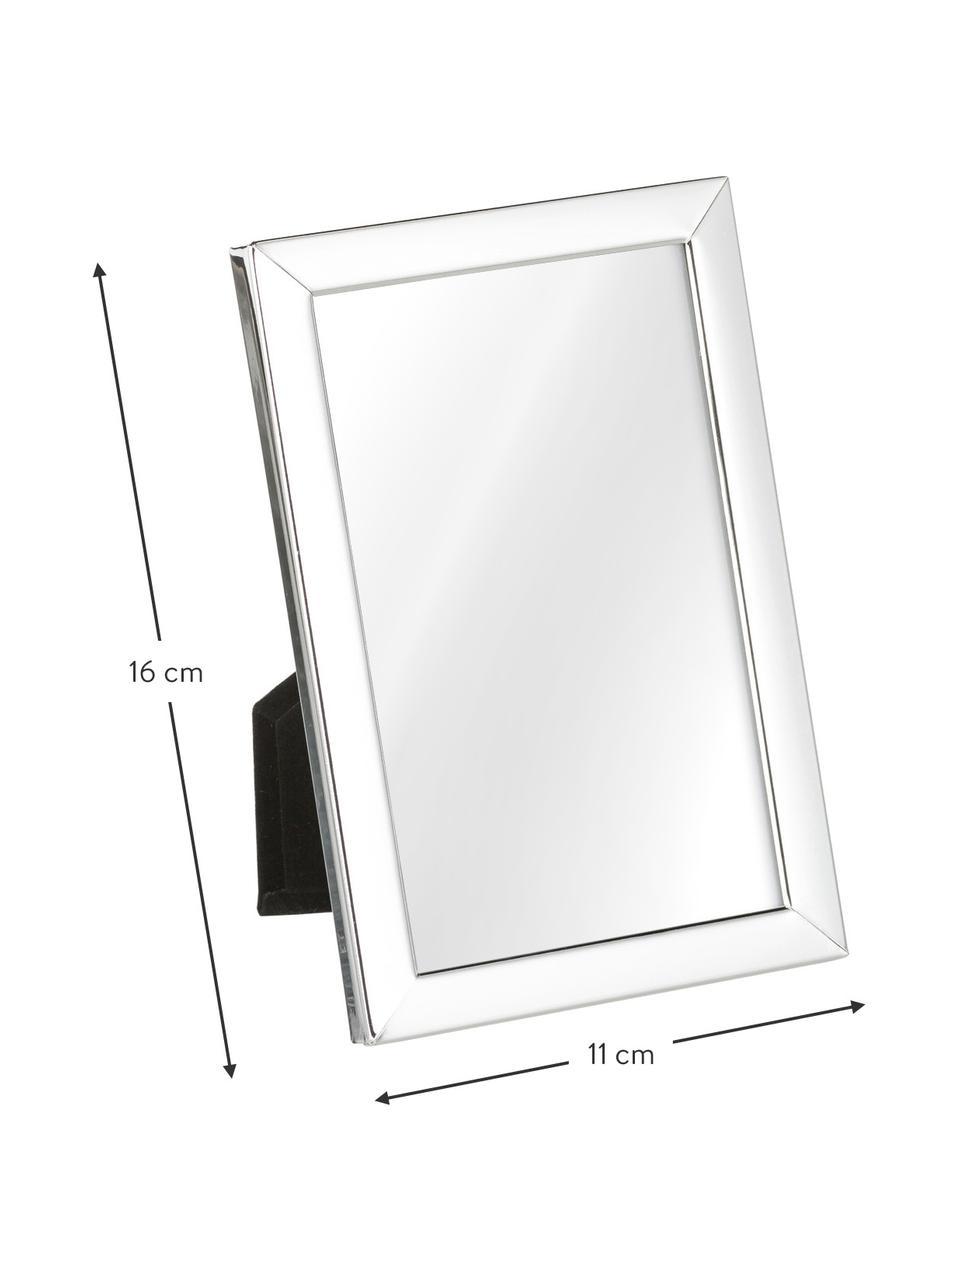 Bilderrahmen Aosta, Rahmen: Metall, versilbert, Front: Glas, Rückseite: Mitteldichte Faserplatte , Silber, 13 x 18 cm